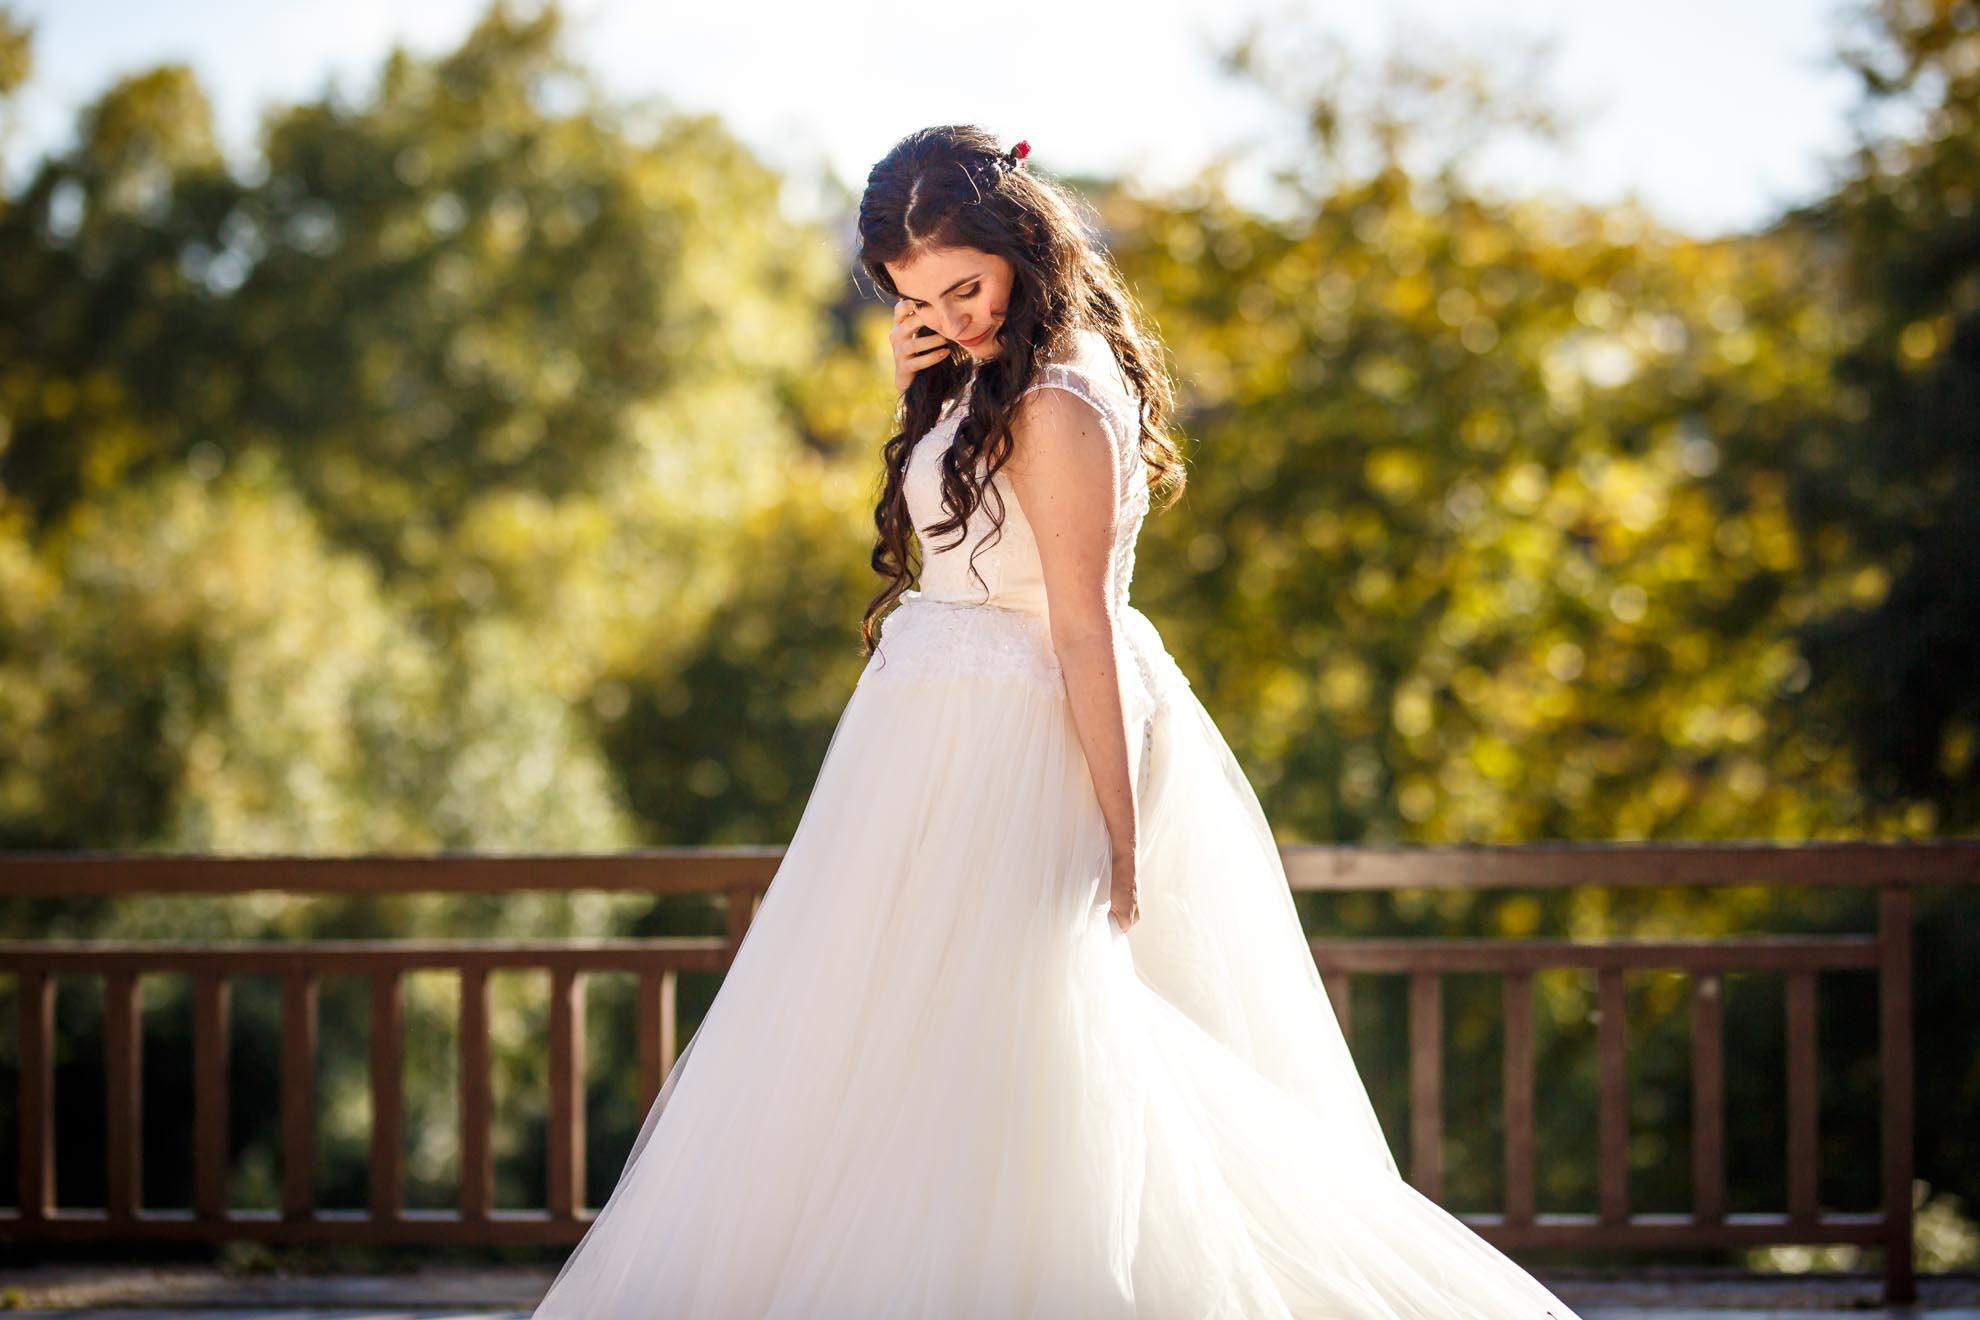 novia agarrandose el vestido por detras y agachando la cabeza